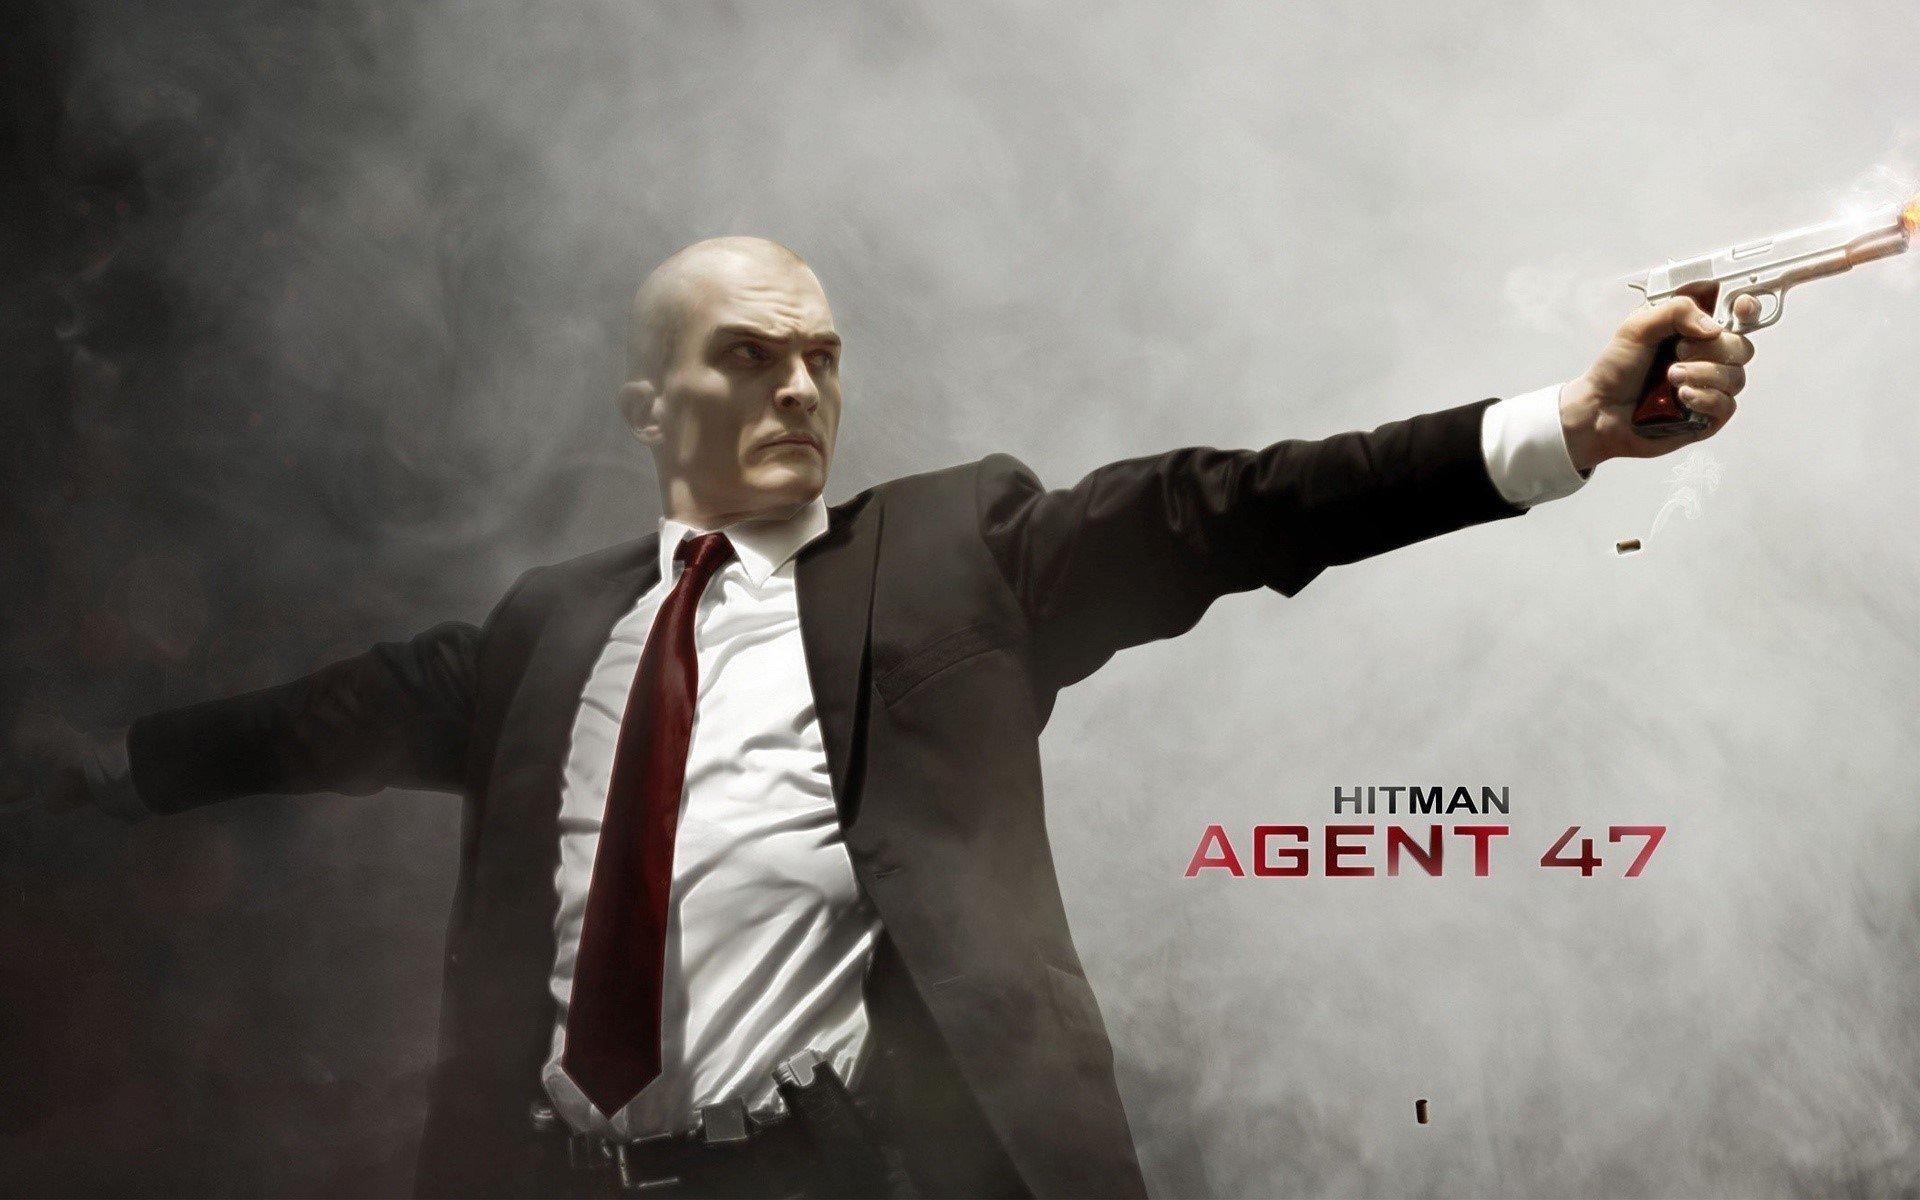 Fondos de pantalla Agente 47 de Hitman